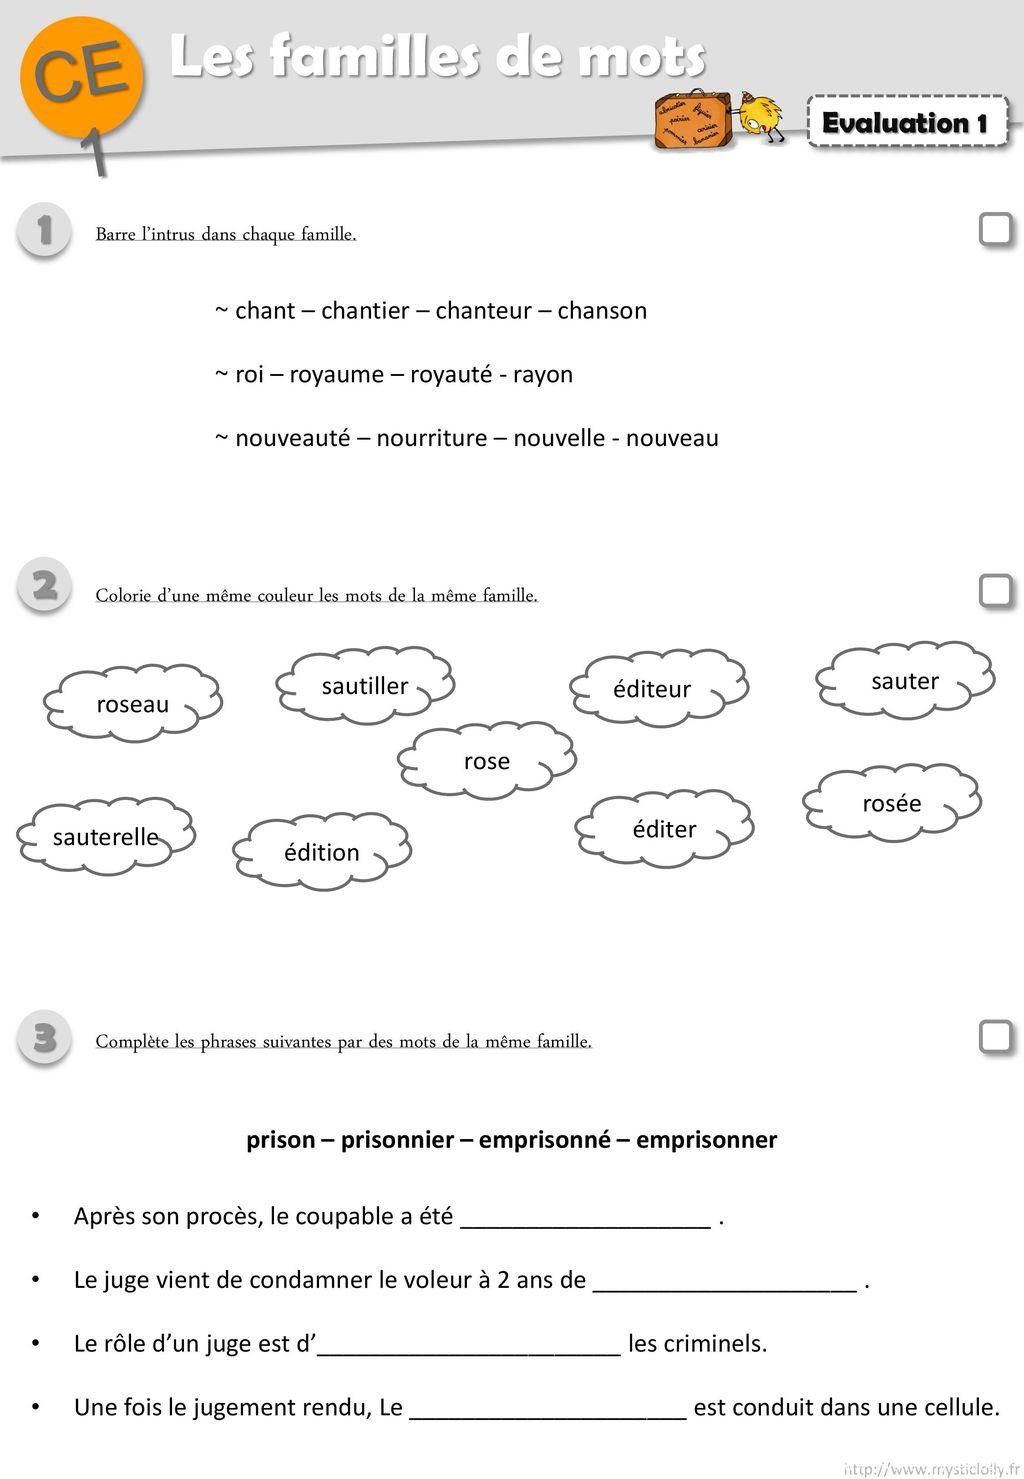 L'ordre Alphabétique Cadeau Piquet Voiture - Ppt Video dedans Barre L Intrus